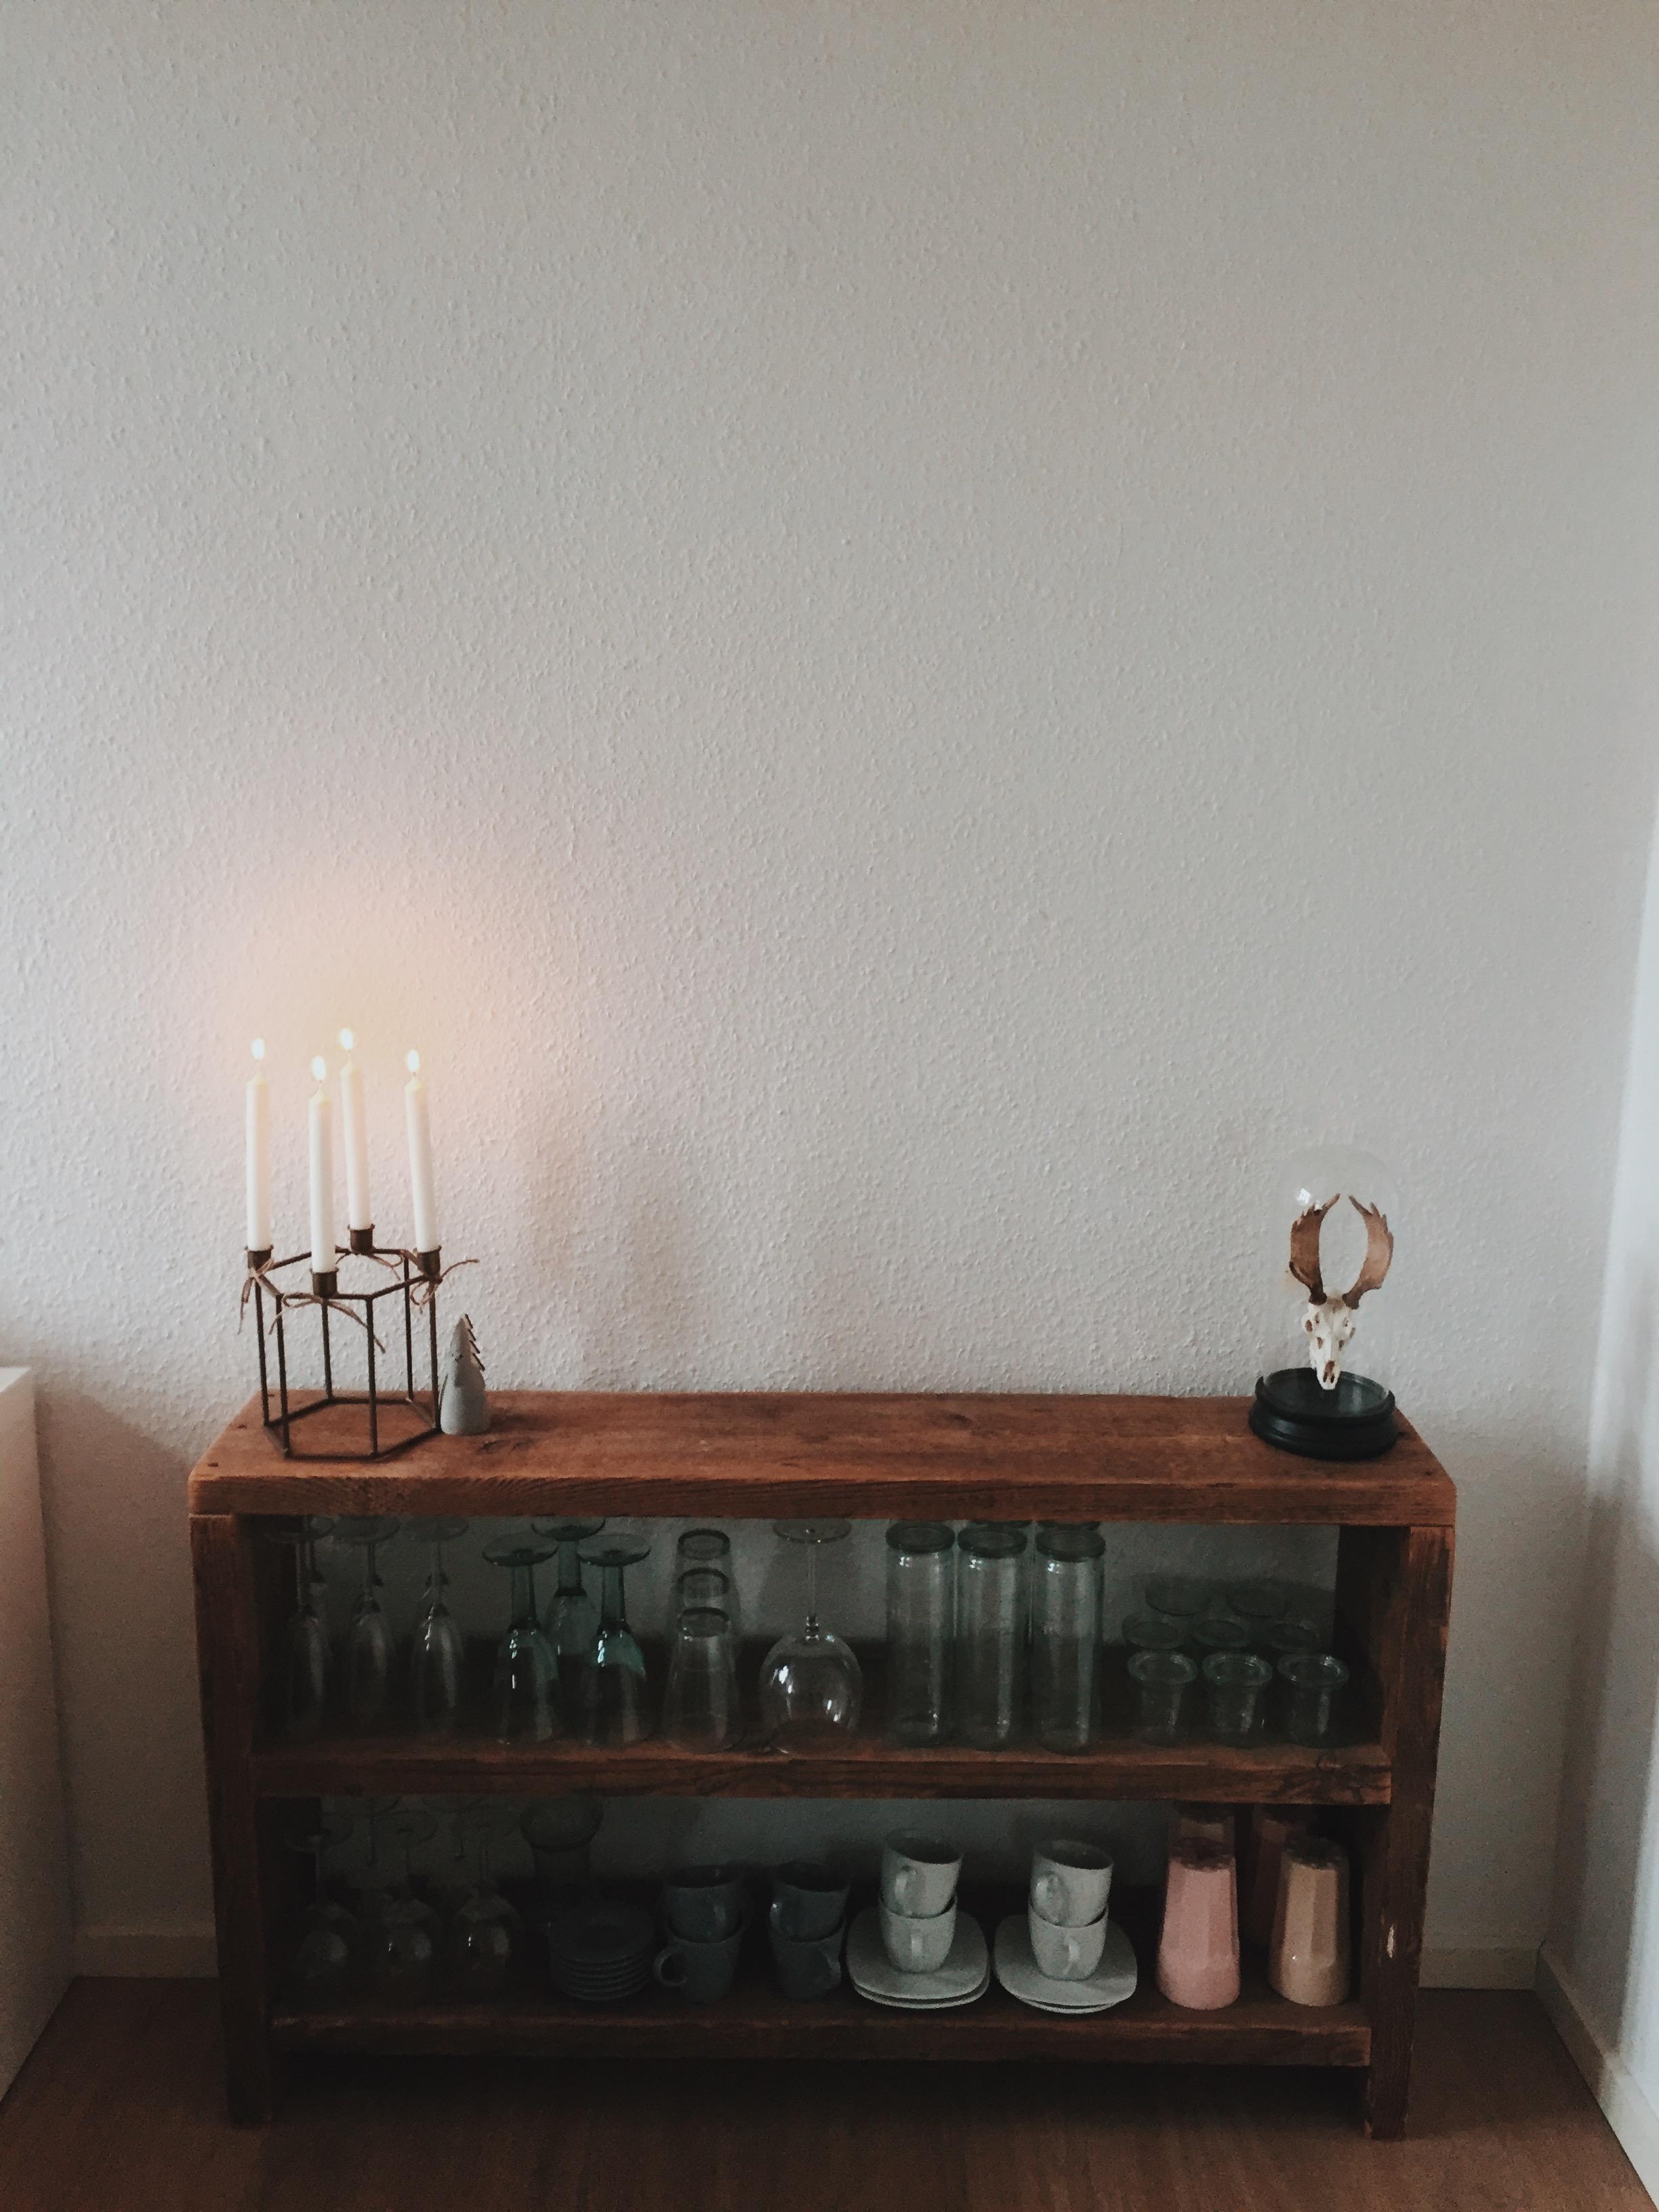 Das Holzregal ist der Klassiker unter den Regalen – Wir zeigen dir